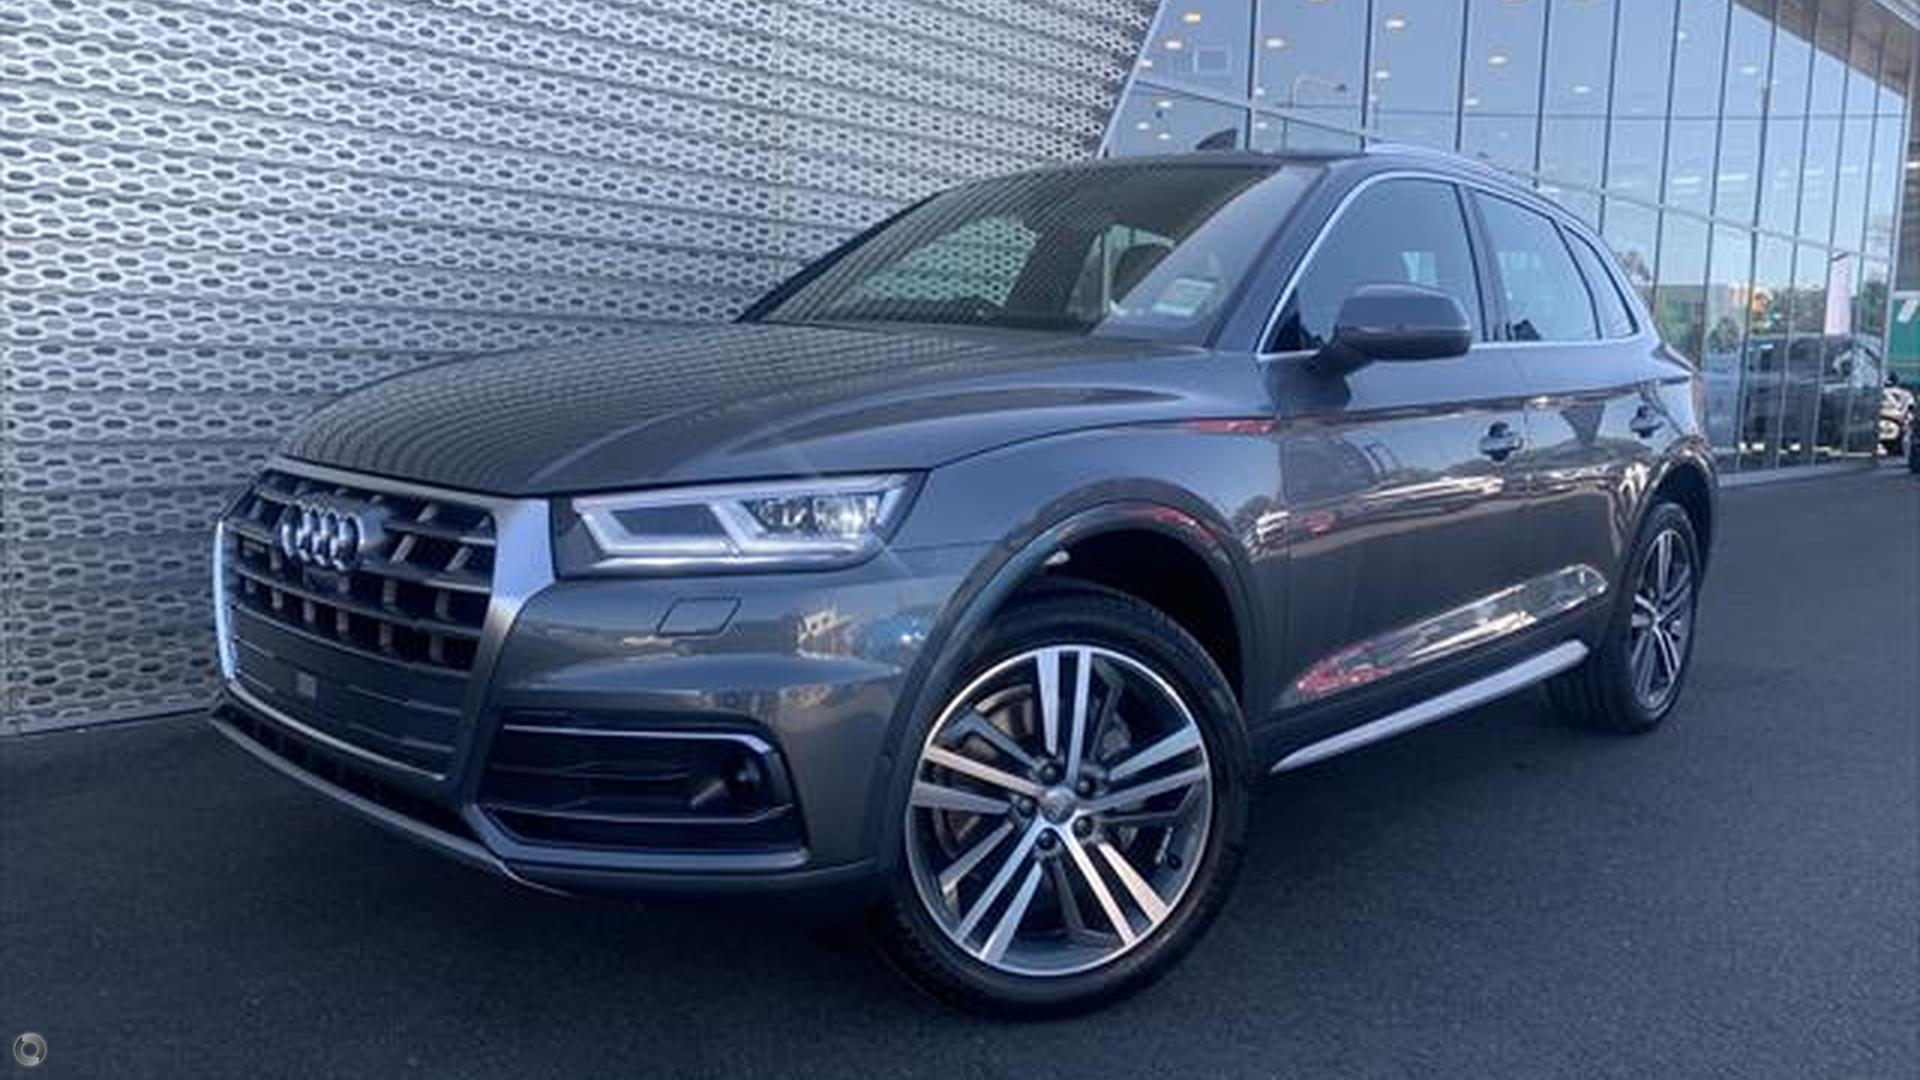 2019 Audi Q5 FY